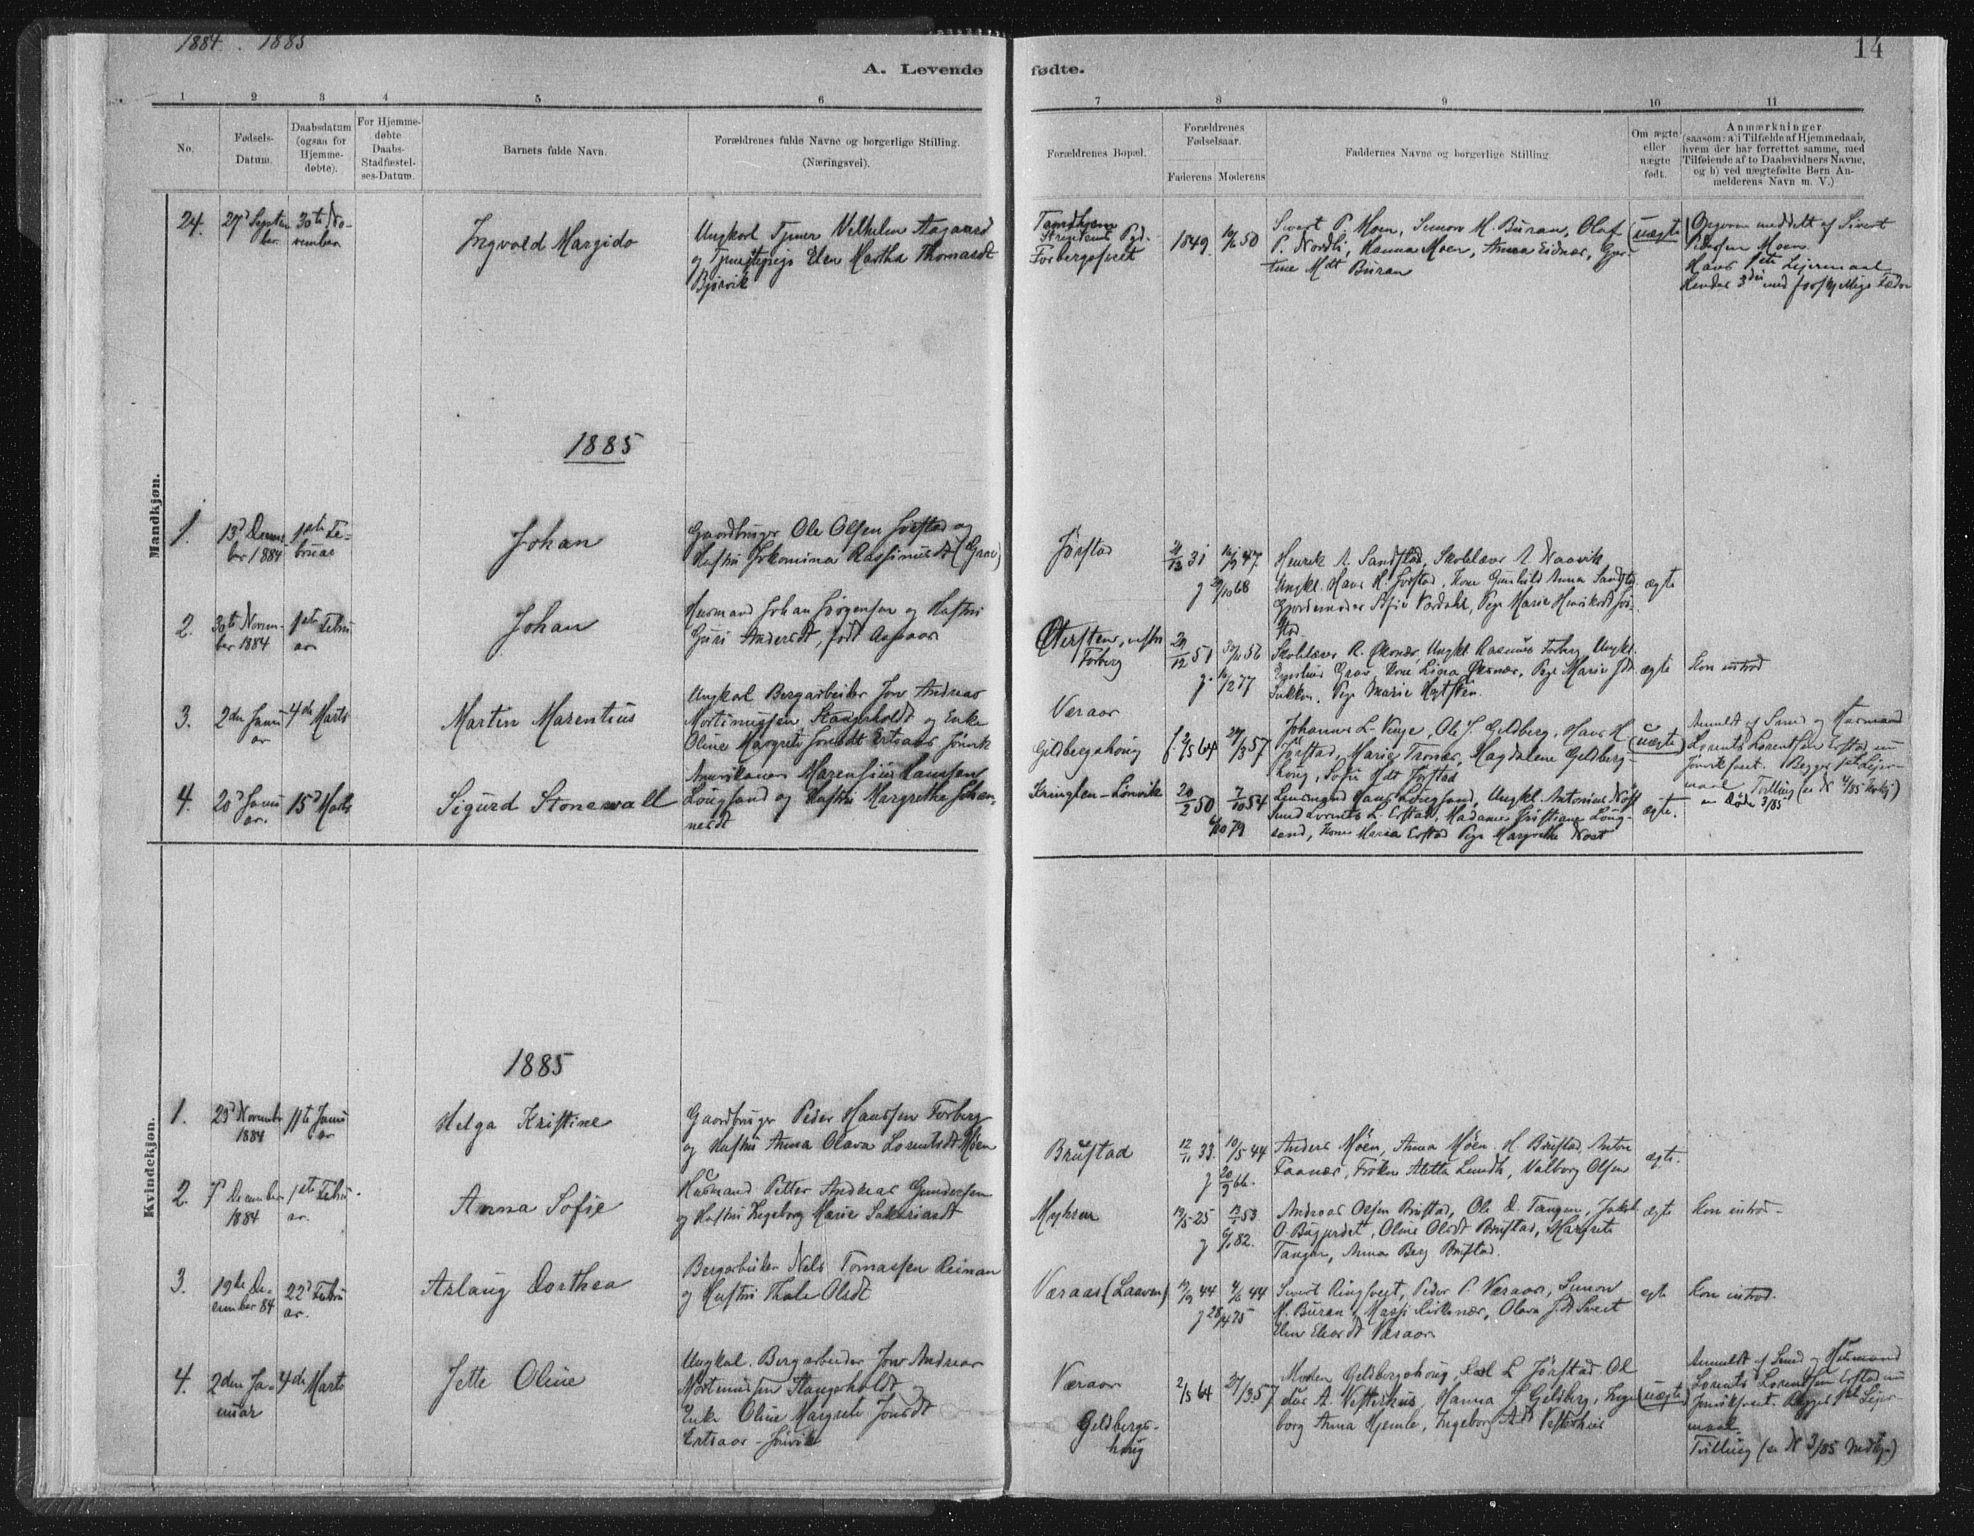 SAT, Ministerialprotokoller, klokkerbøker og fødselsregistre - Nord-Trøndelag, 722/L0220: Ministerialbok nr. 722A07, 1881-1908, s. 14